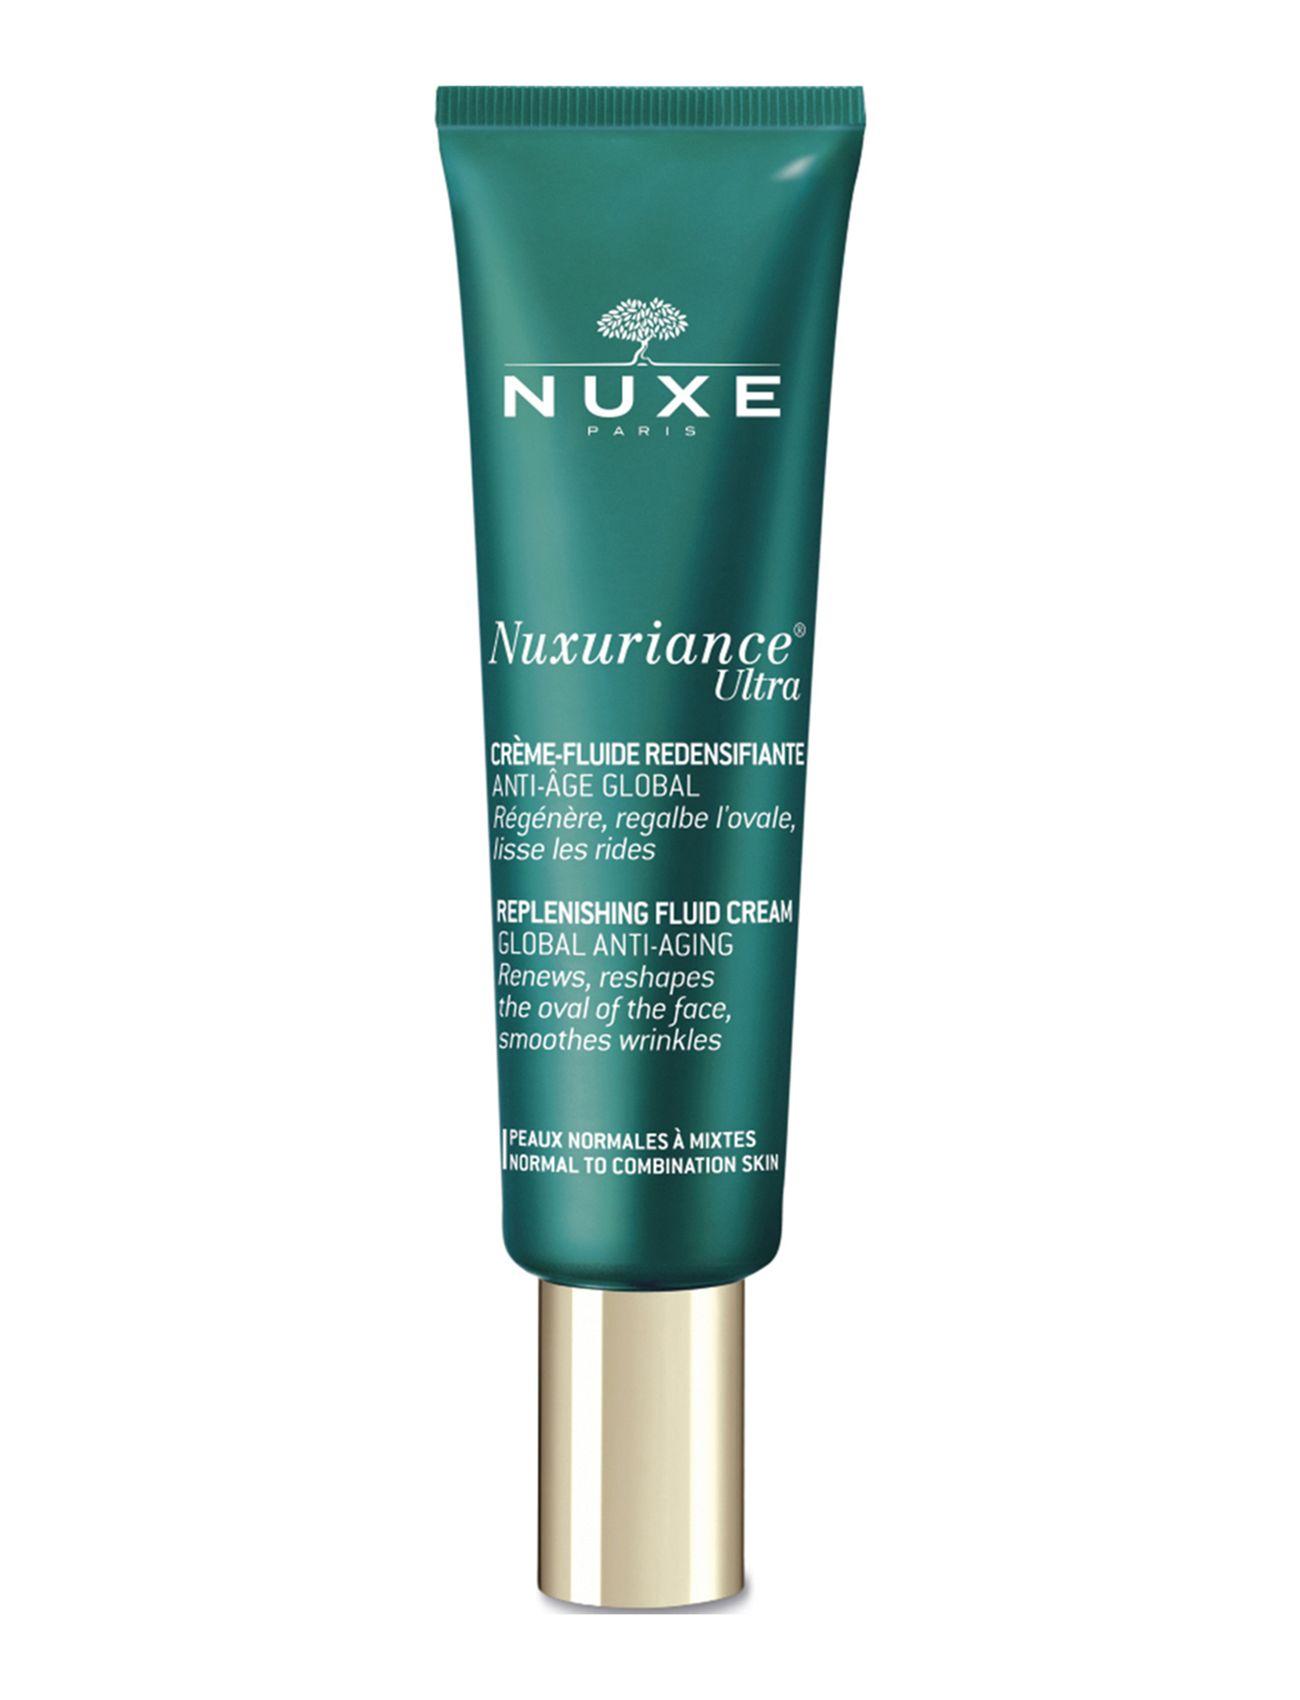 nuxe Nuxuriance ultra fluid på boozt.com dk